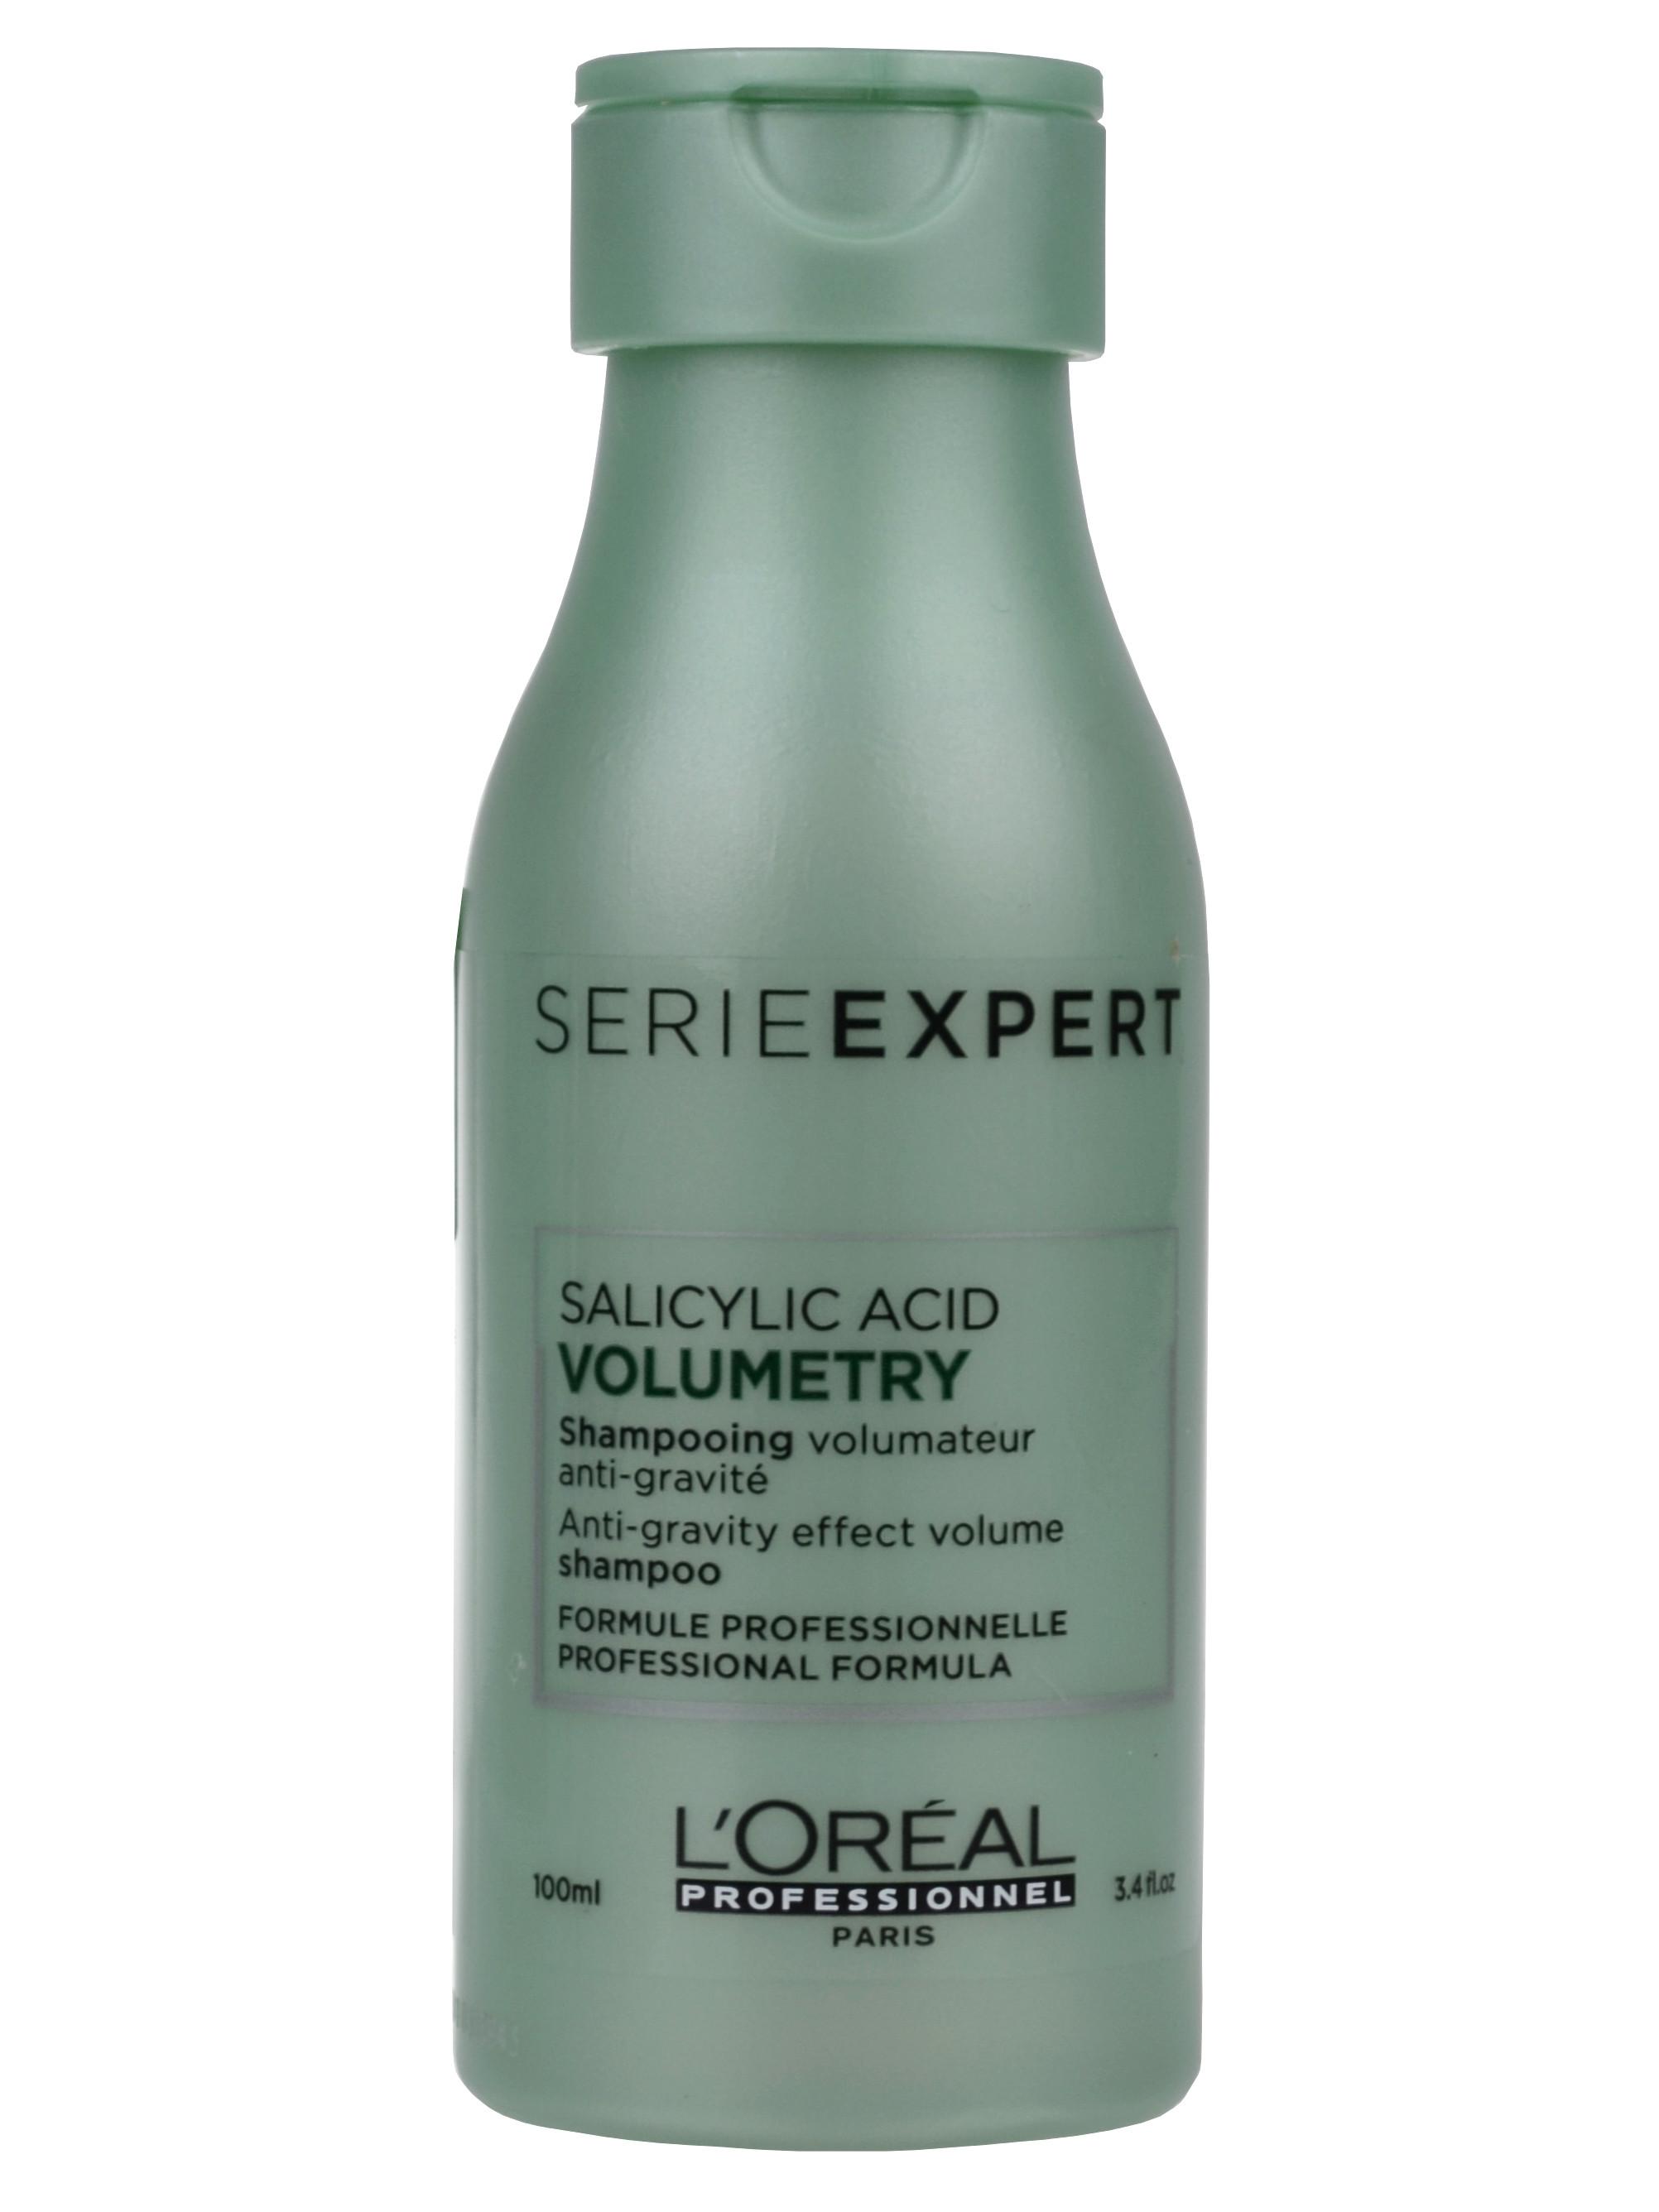 Šampon pro objem jemných vlasů Loréal Volumetry - 100 ml